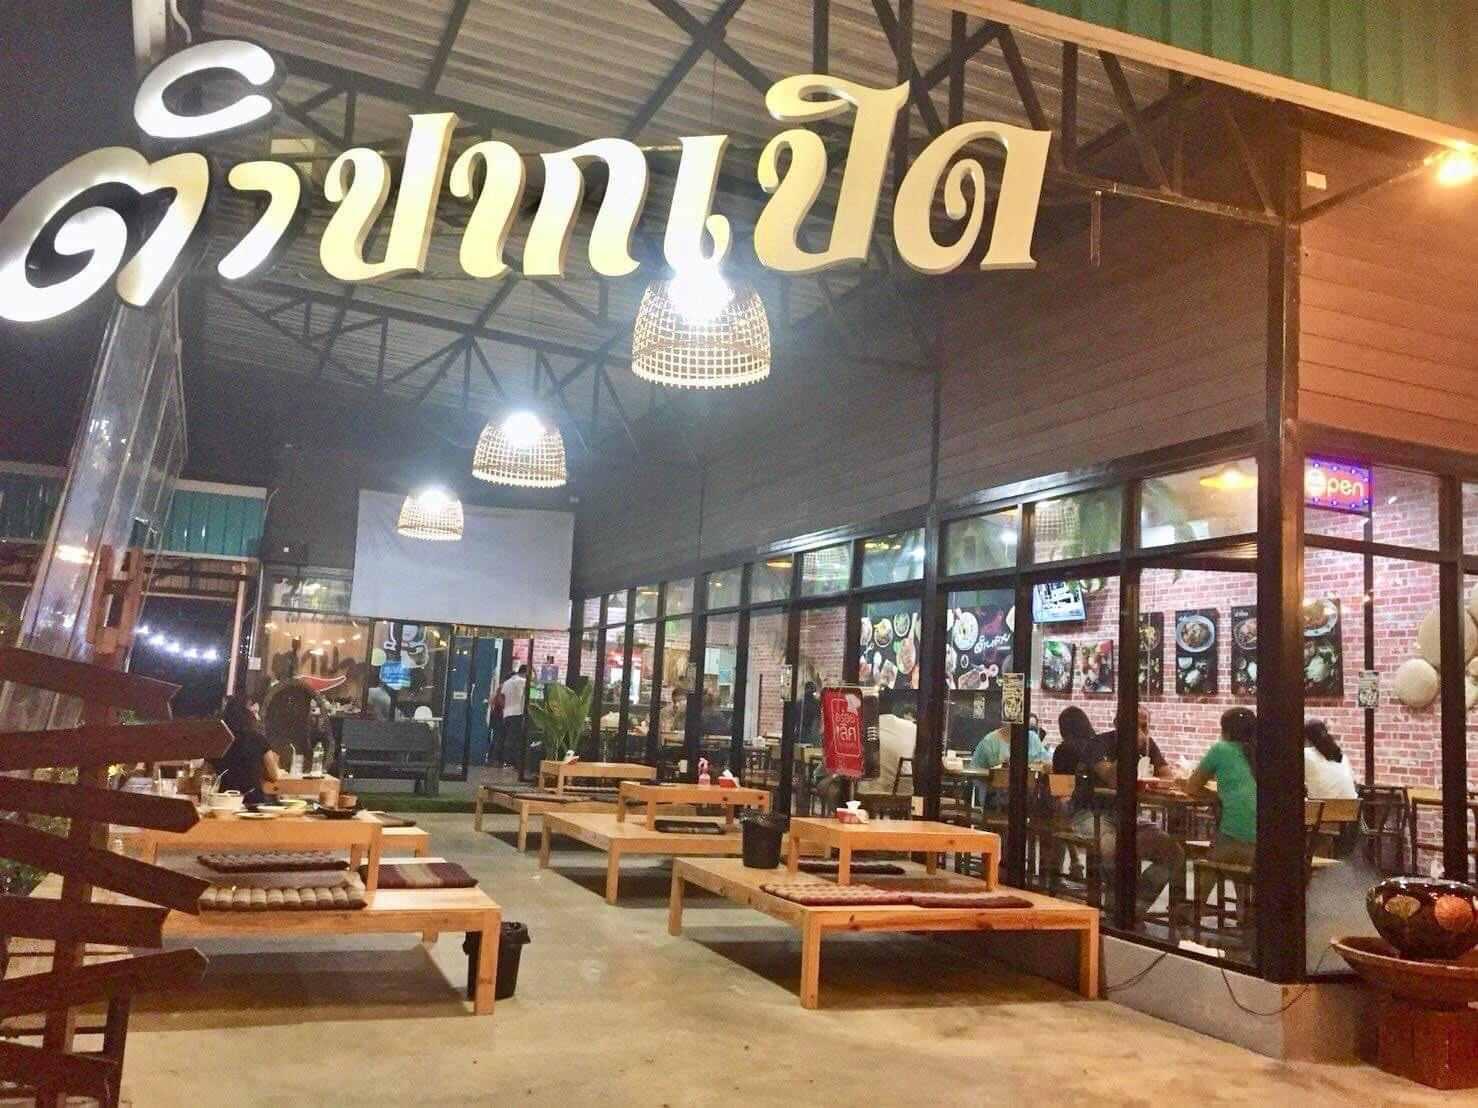 เซ้งร้าน‼️ เฉพาะโครงสร้าง ย่านบางแสน ทำคาเฟ่ต่อได้ @อ.เมือง ชลบุรี